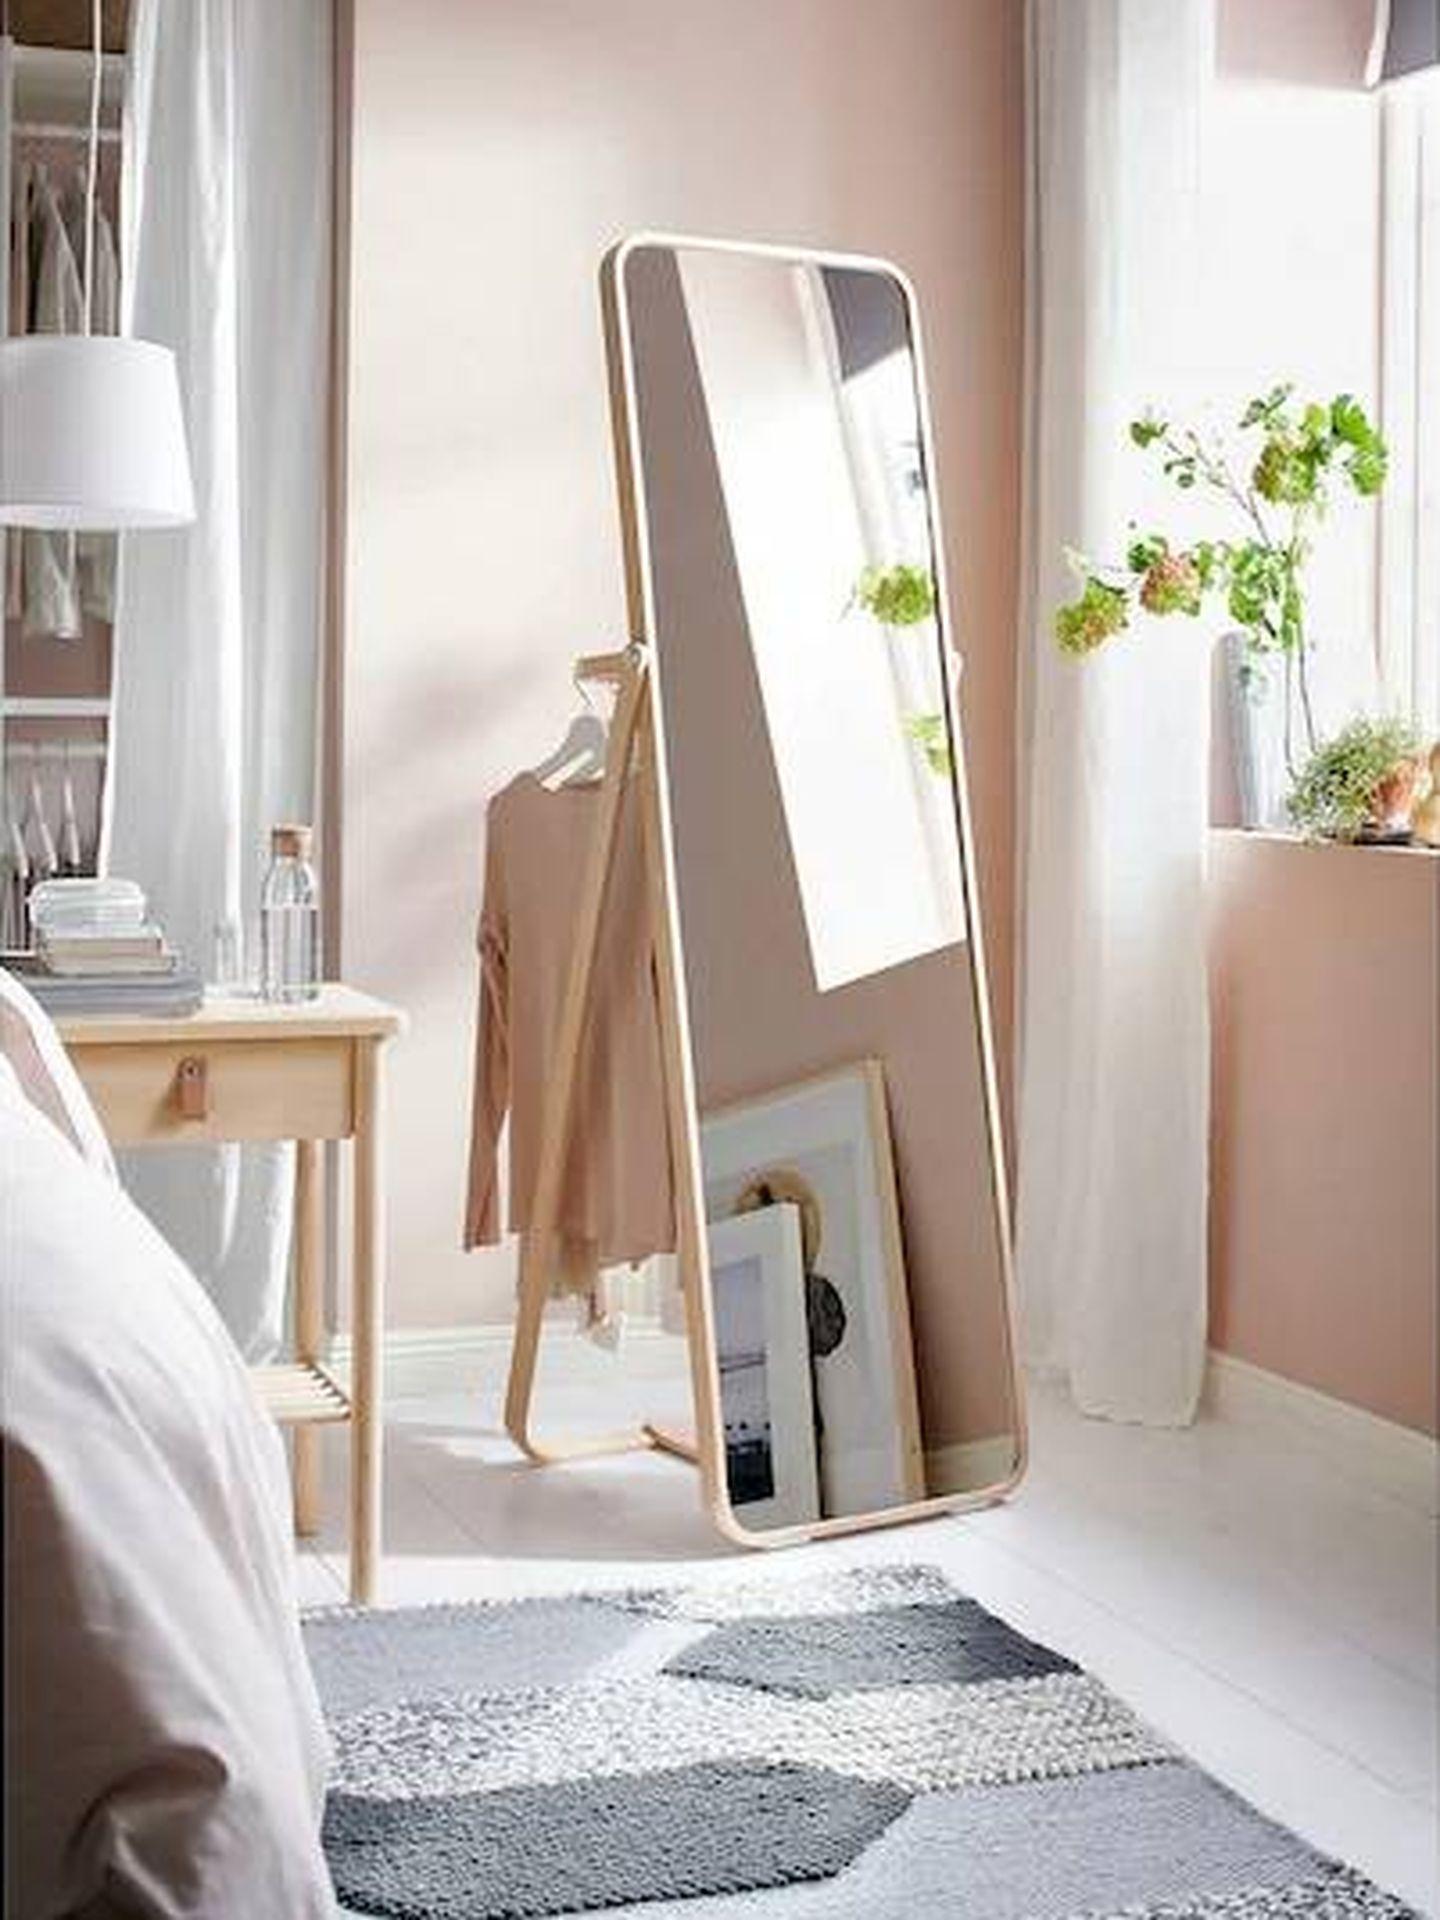 El espejo Ikornnes de Ikea es ideal para tu dormitorio. (Cortesía)